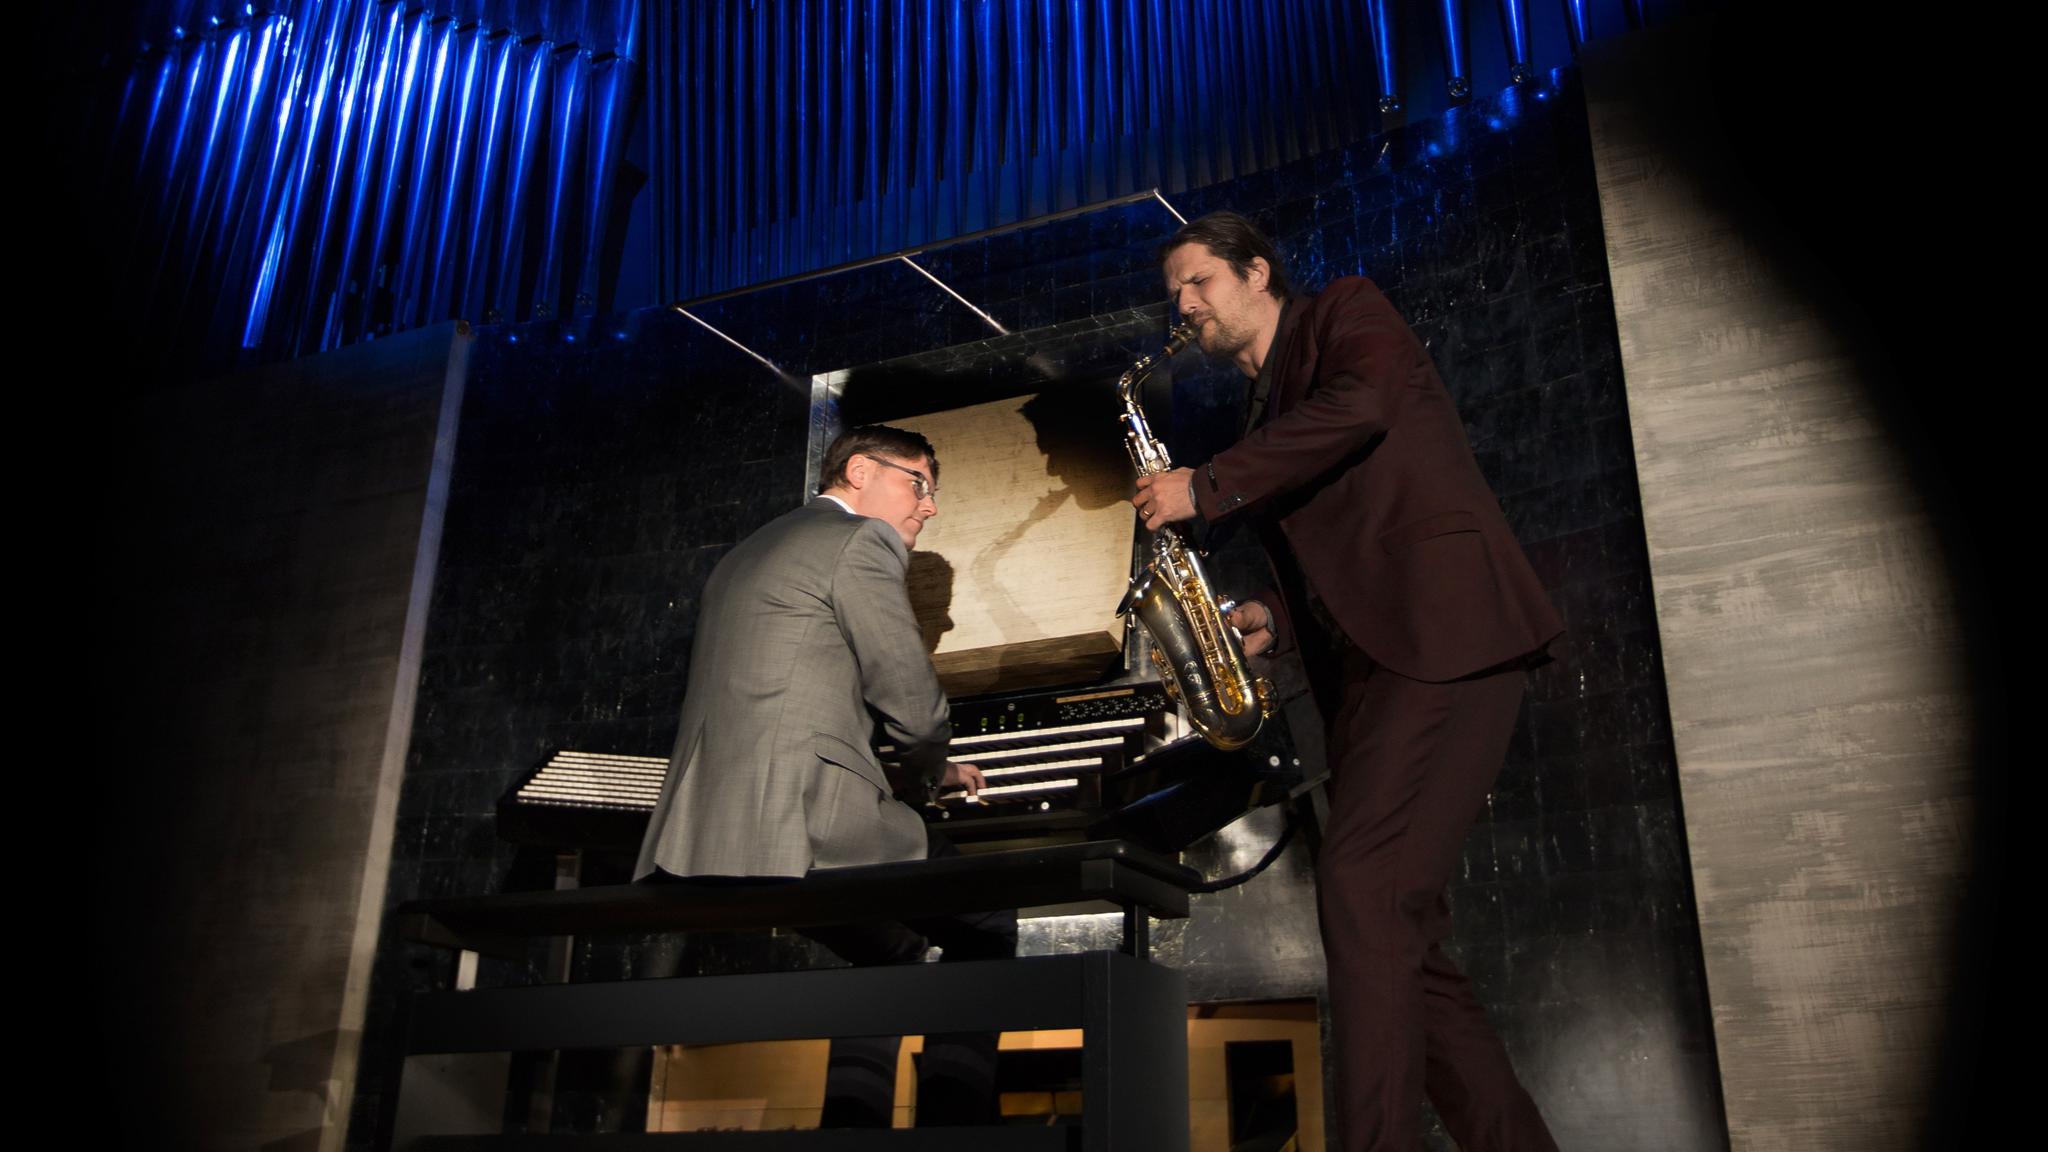 KONSERT: Orgel och saxofon i Luleå och vokalmusik från Schweiz